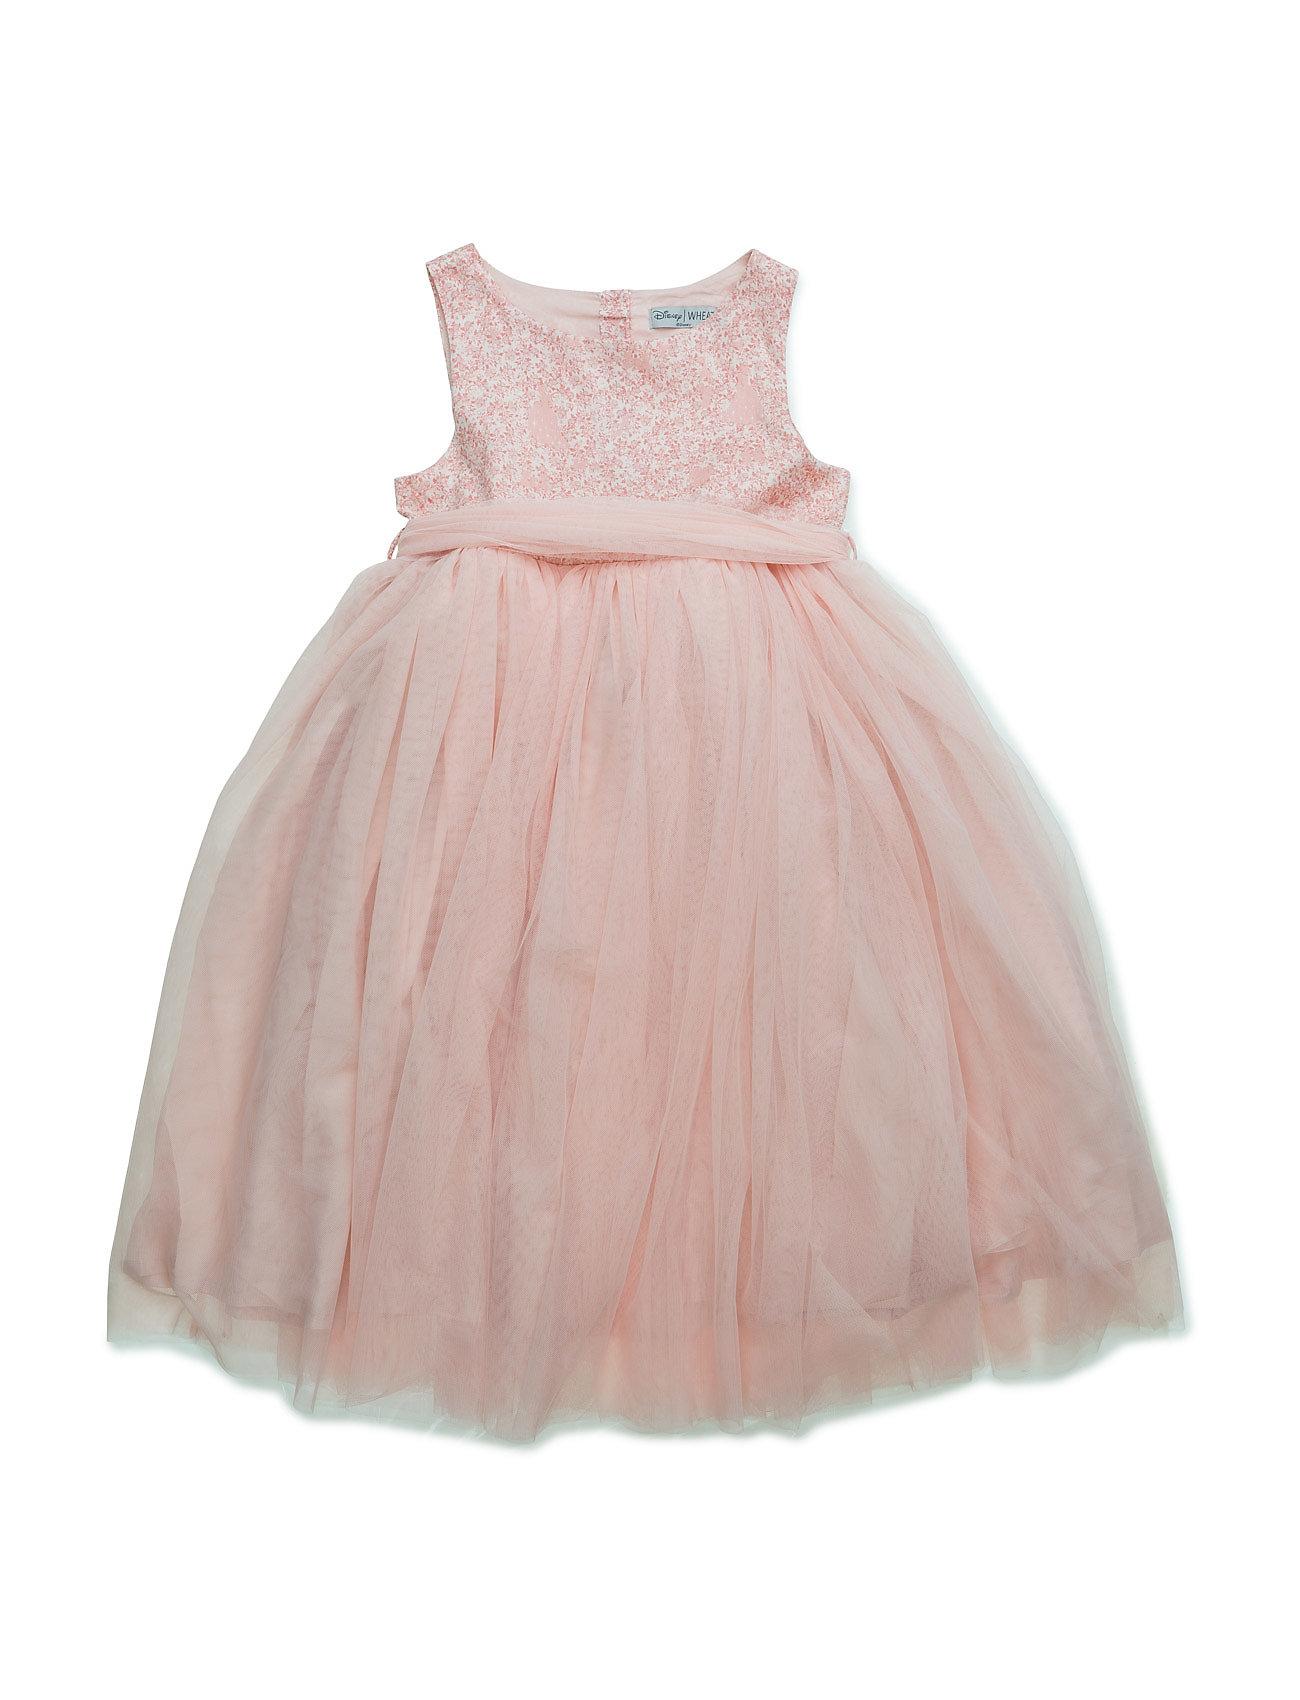 ce7321a027ca Supercoola Dress Princess Tulle Disney by Wheat Klänningar till Barn för  vardag och fest